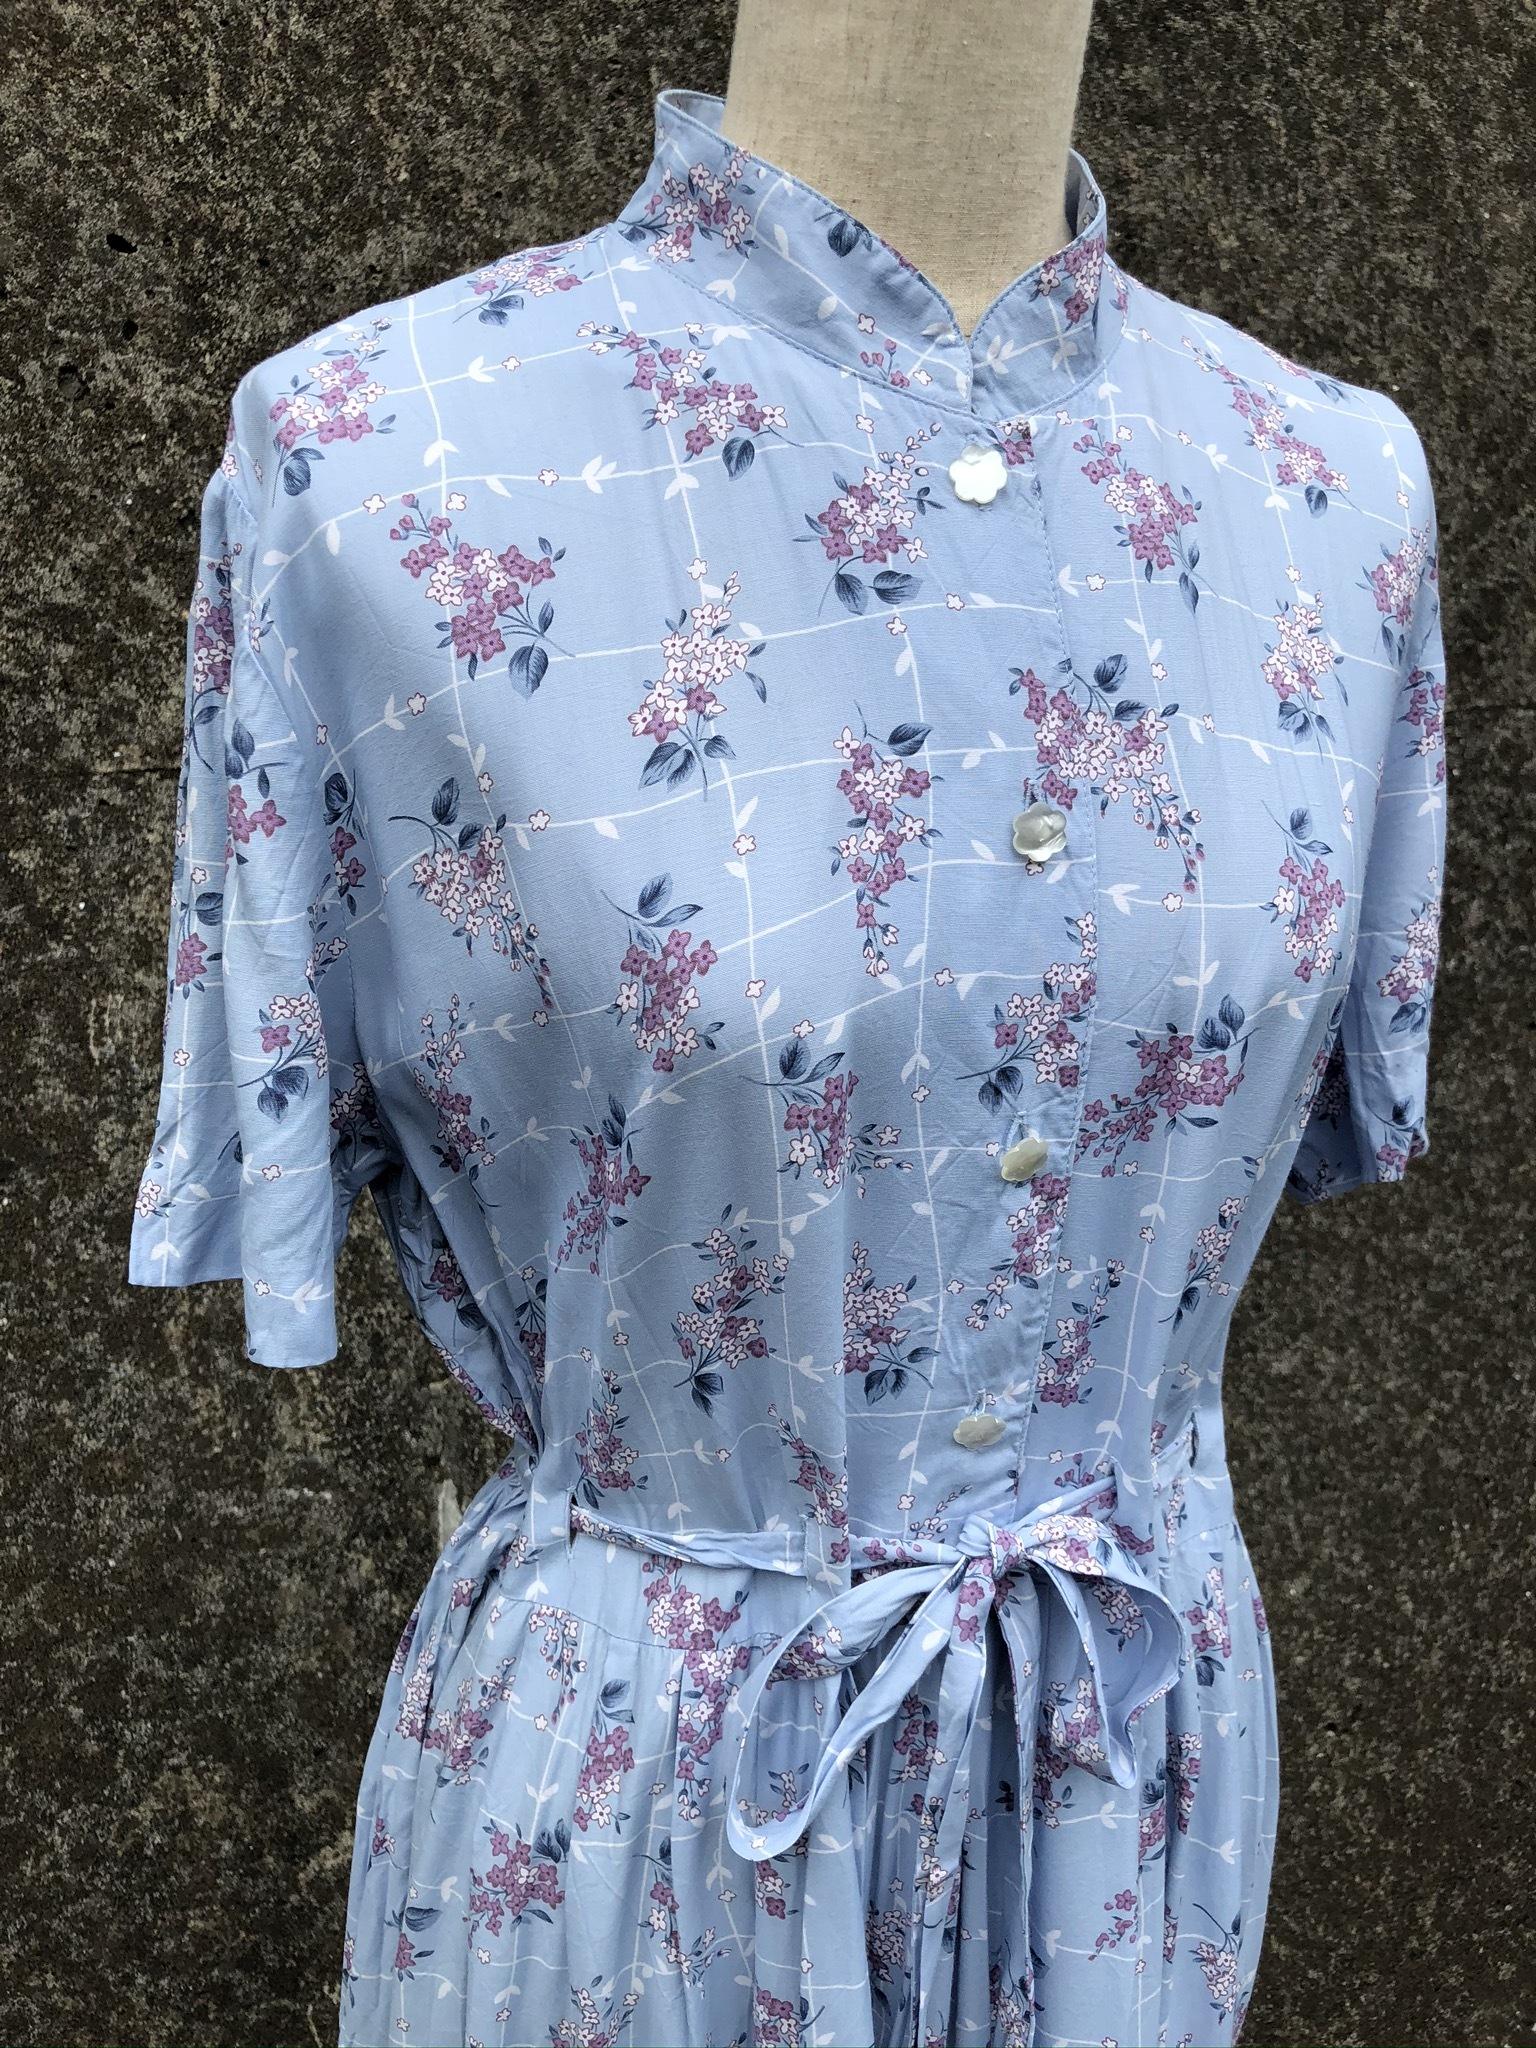 stand collar rayon dress